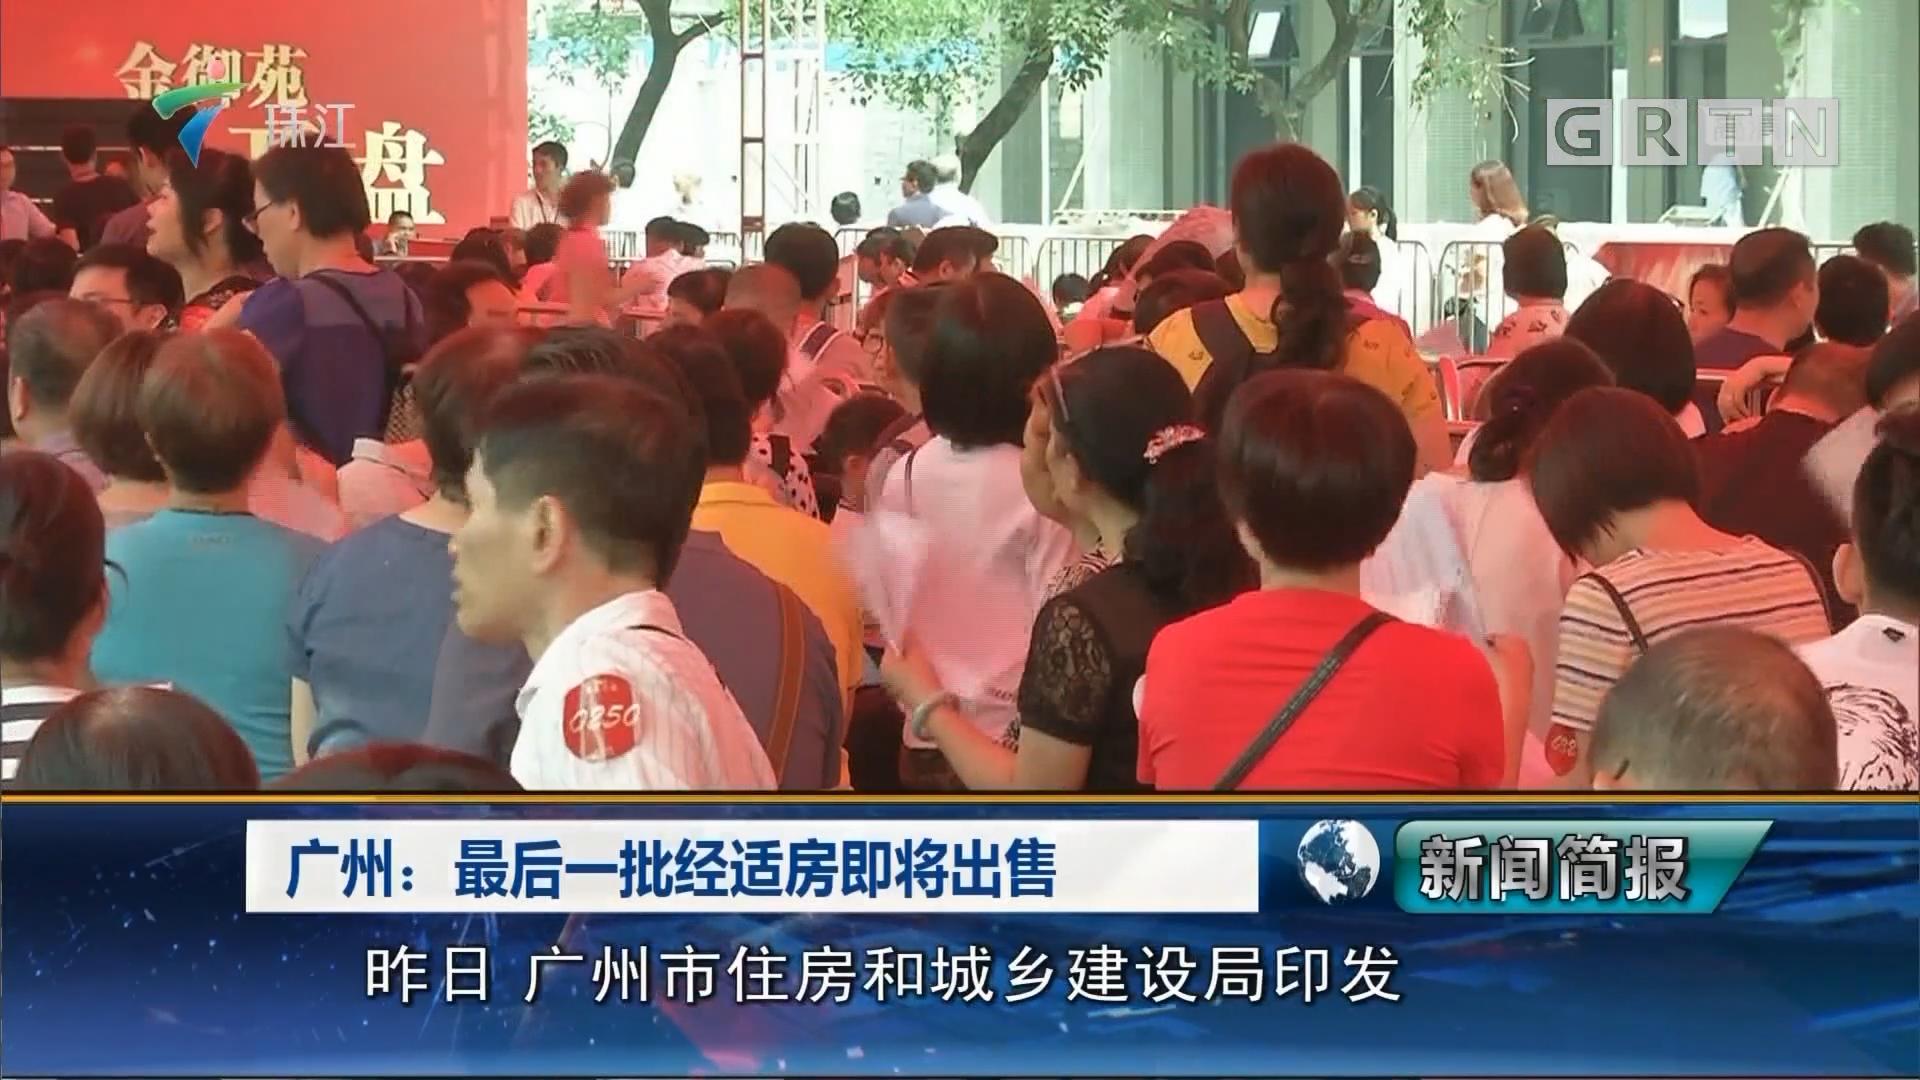 广州:最后一批经适房即将出售